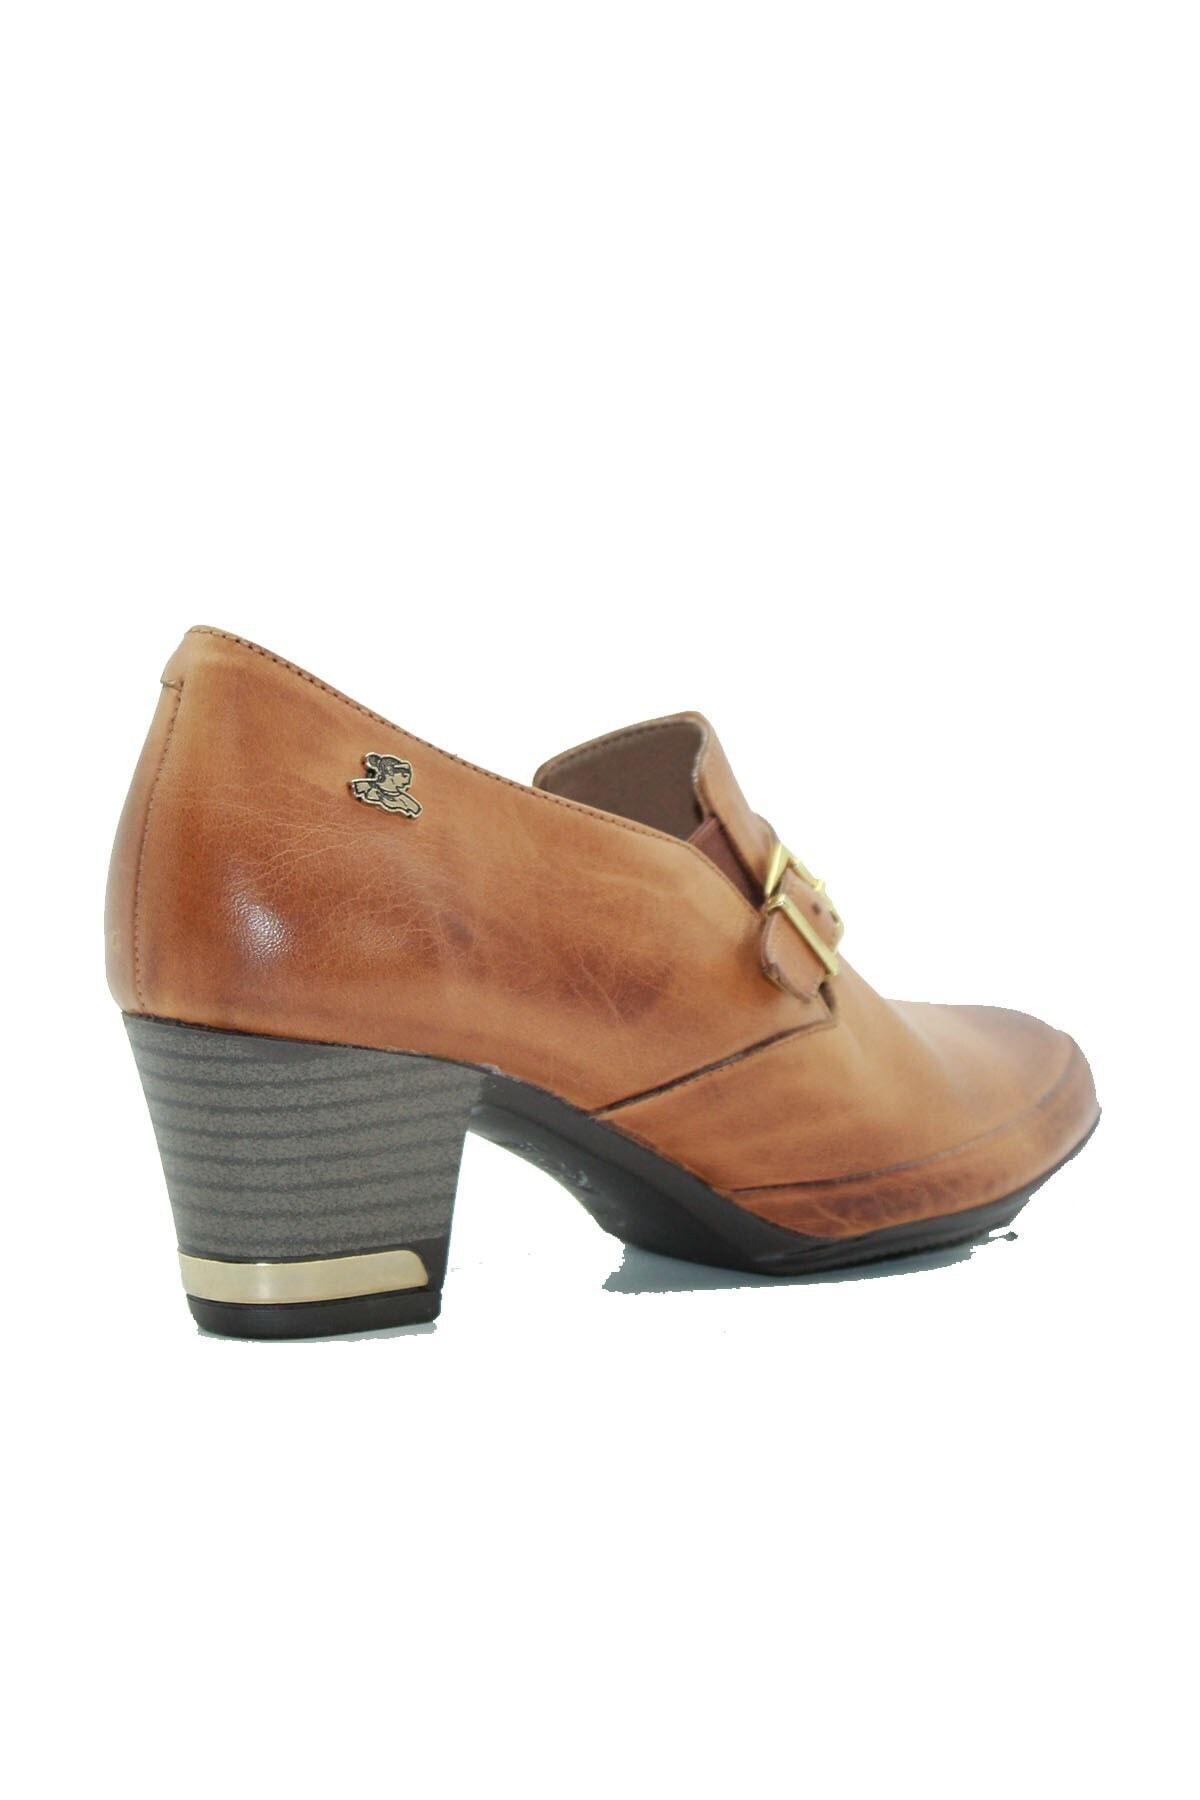 Venüs 1348y Deri Kadın Günlük Ayakkabı 2